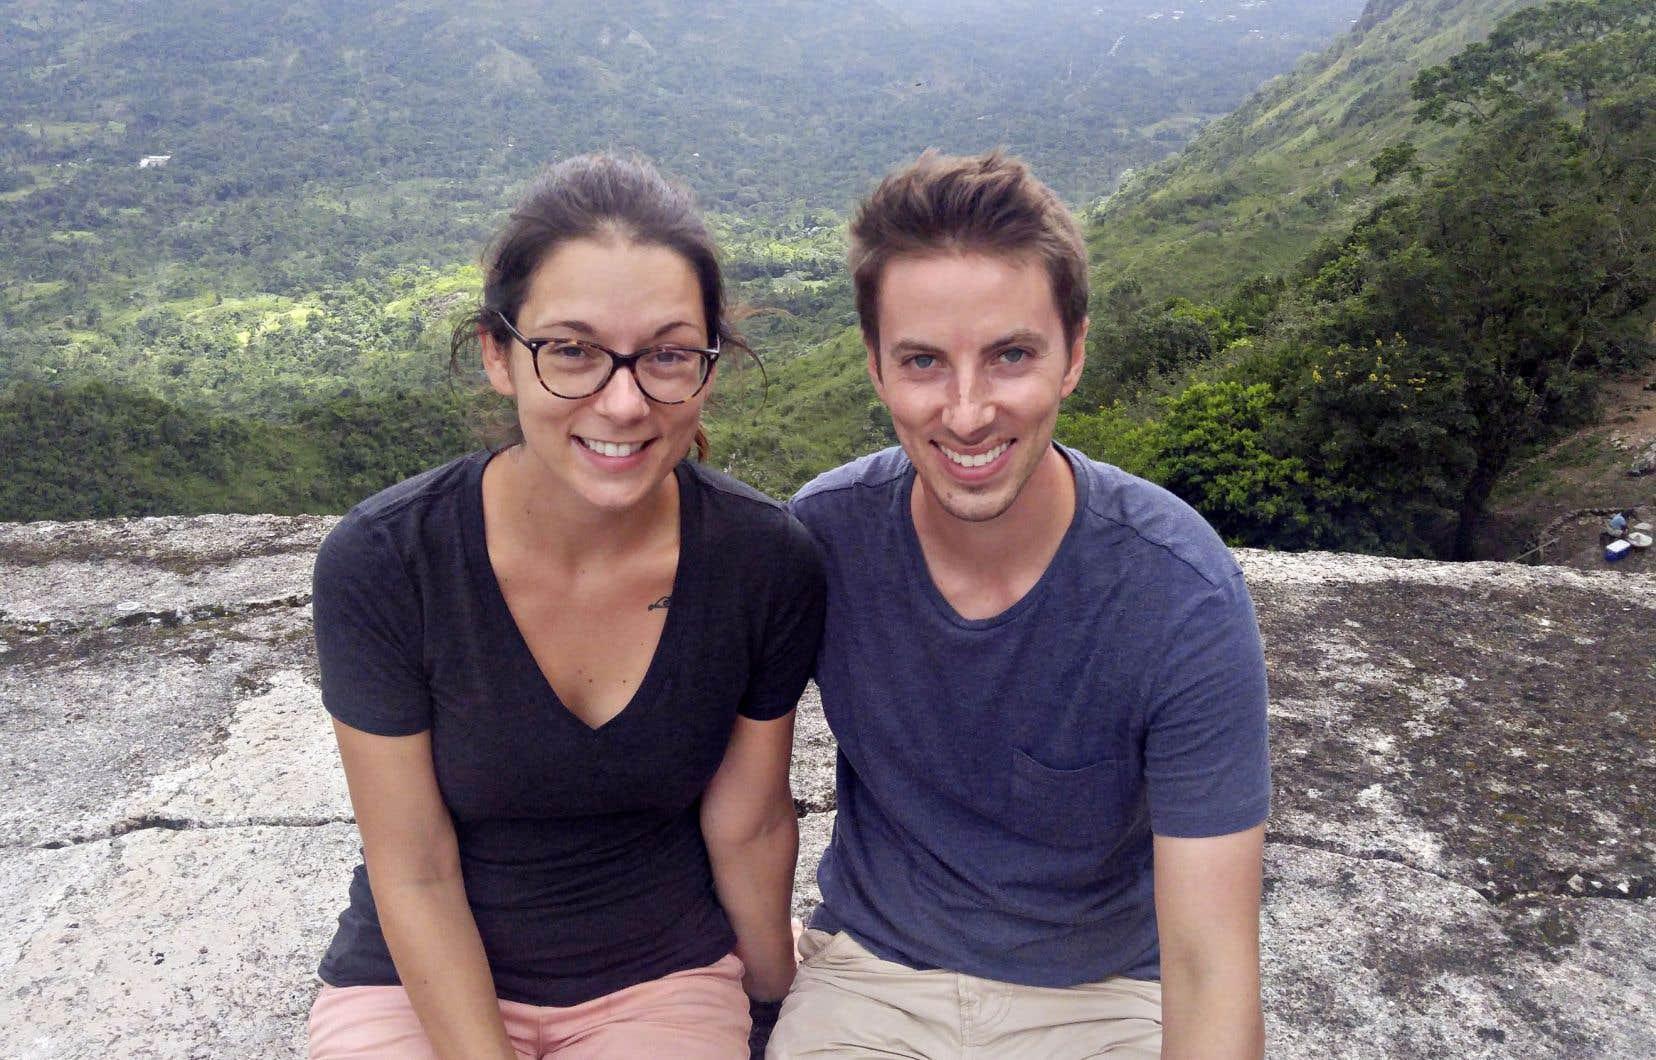 Si Marilyne et Étienne ont fait face à une certaine méfiance de la part de la communauté haïtienne au début, une vingtaine de jeunes, âgés de 18 à 35 ans, se sont bientôt inscrits à leur formation.